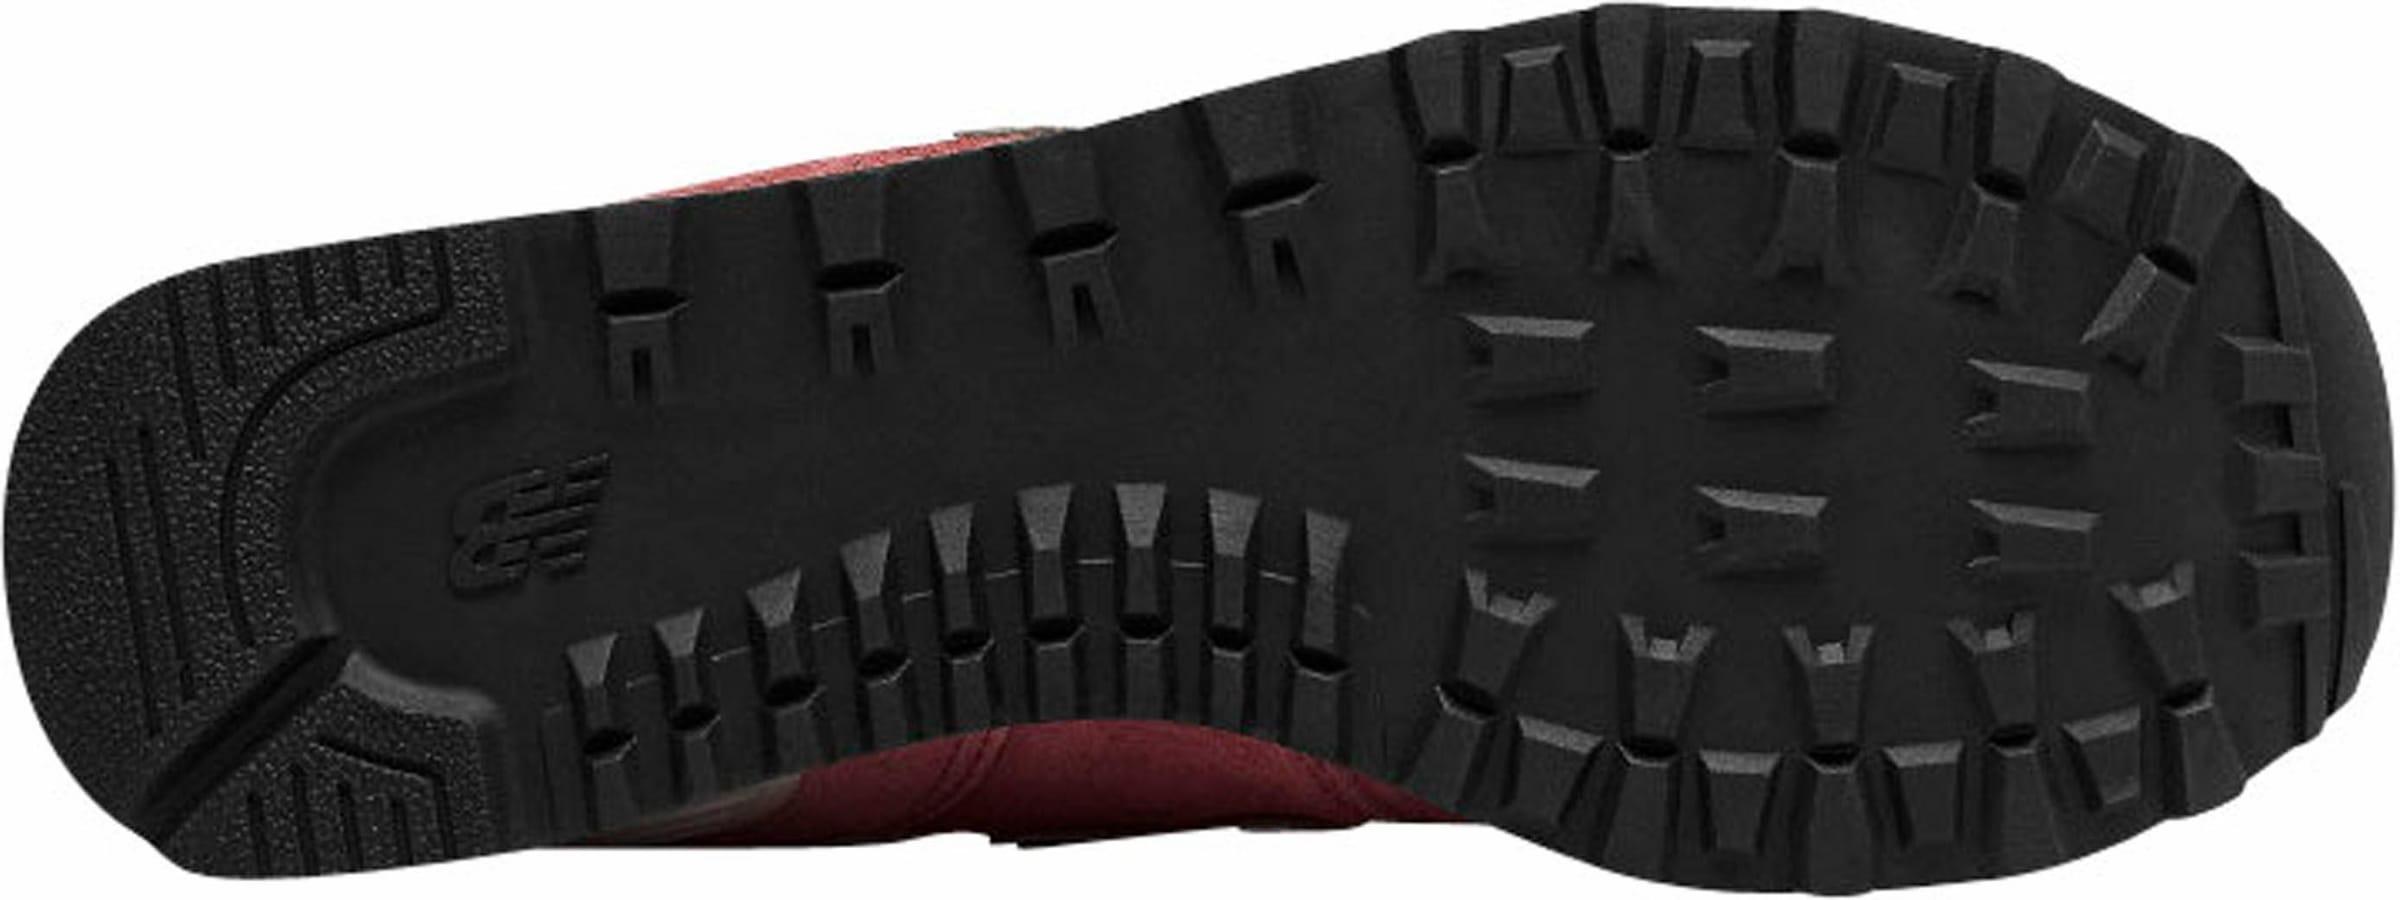 New Balance Sneaker bequem »WL 574« bequem Sneaker online kaufen | Gutes Preis-Leistungs-Verhältnis, es lohnt sich 928fe3